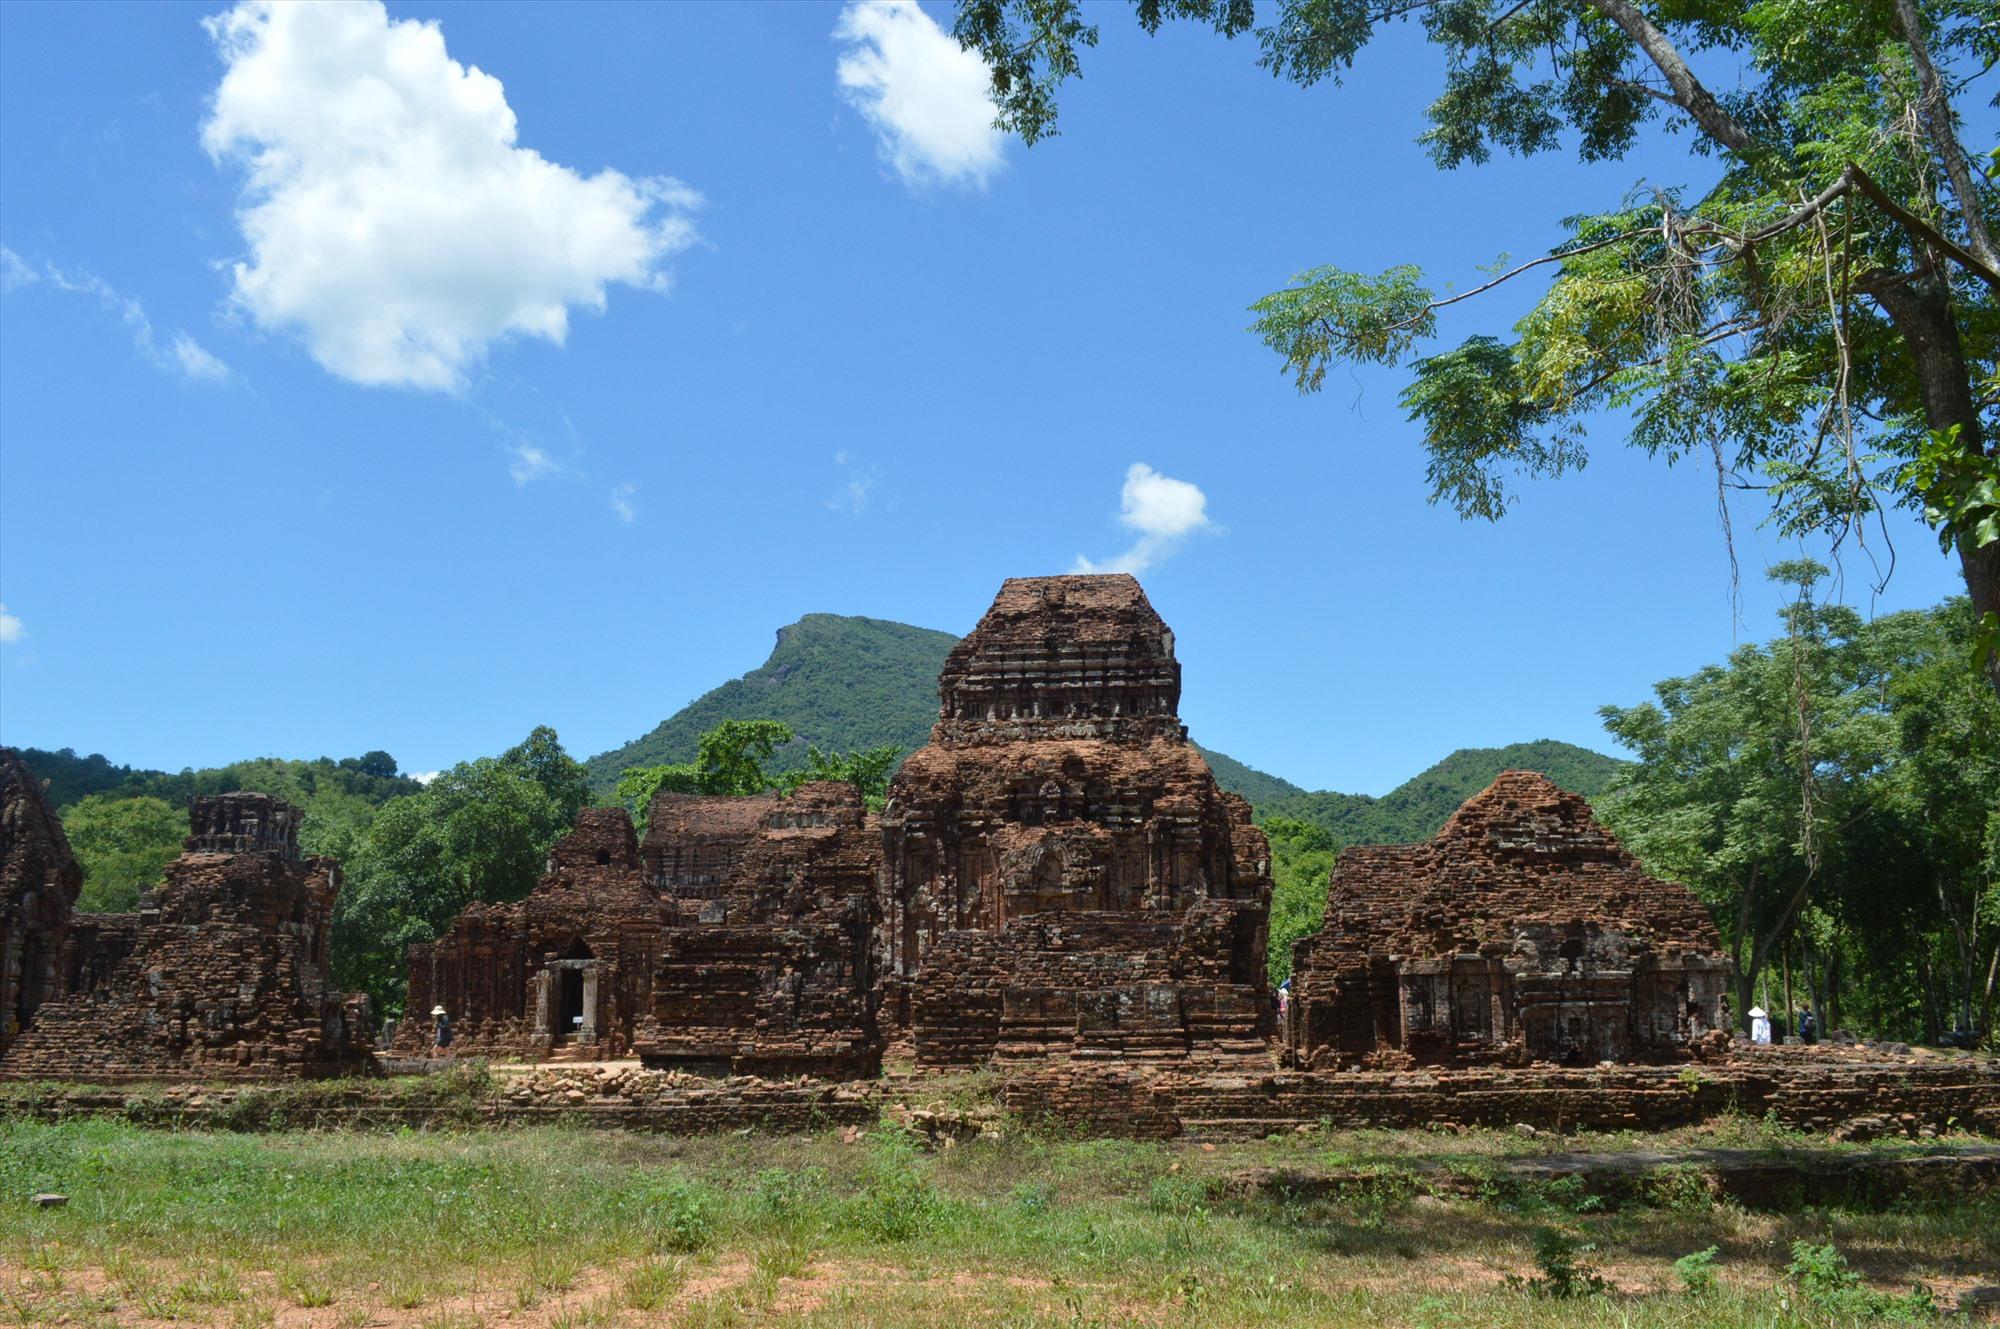 Khu đền tháp Mỹ Sơn sẽ mở cửa đón khách vào ngày 28.4